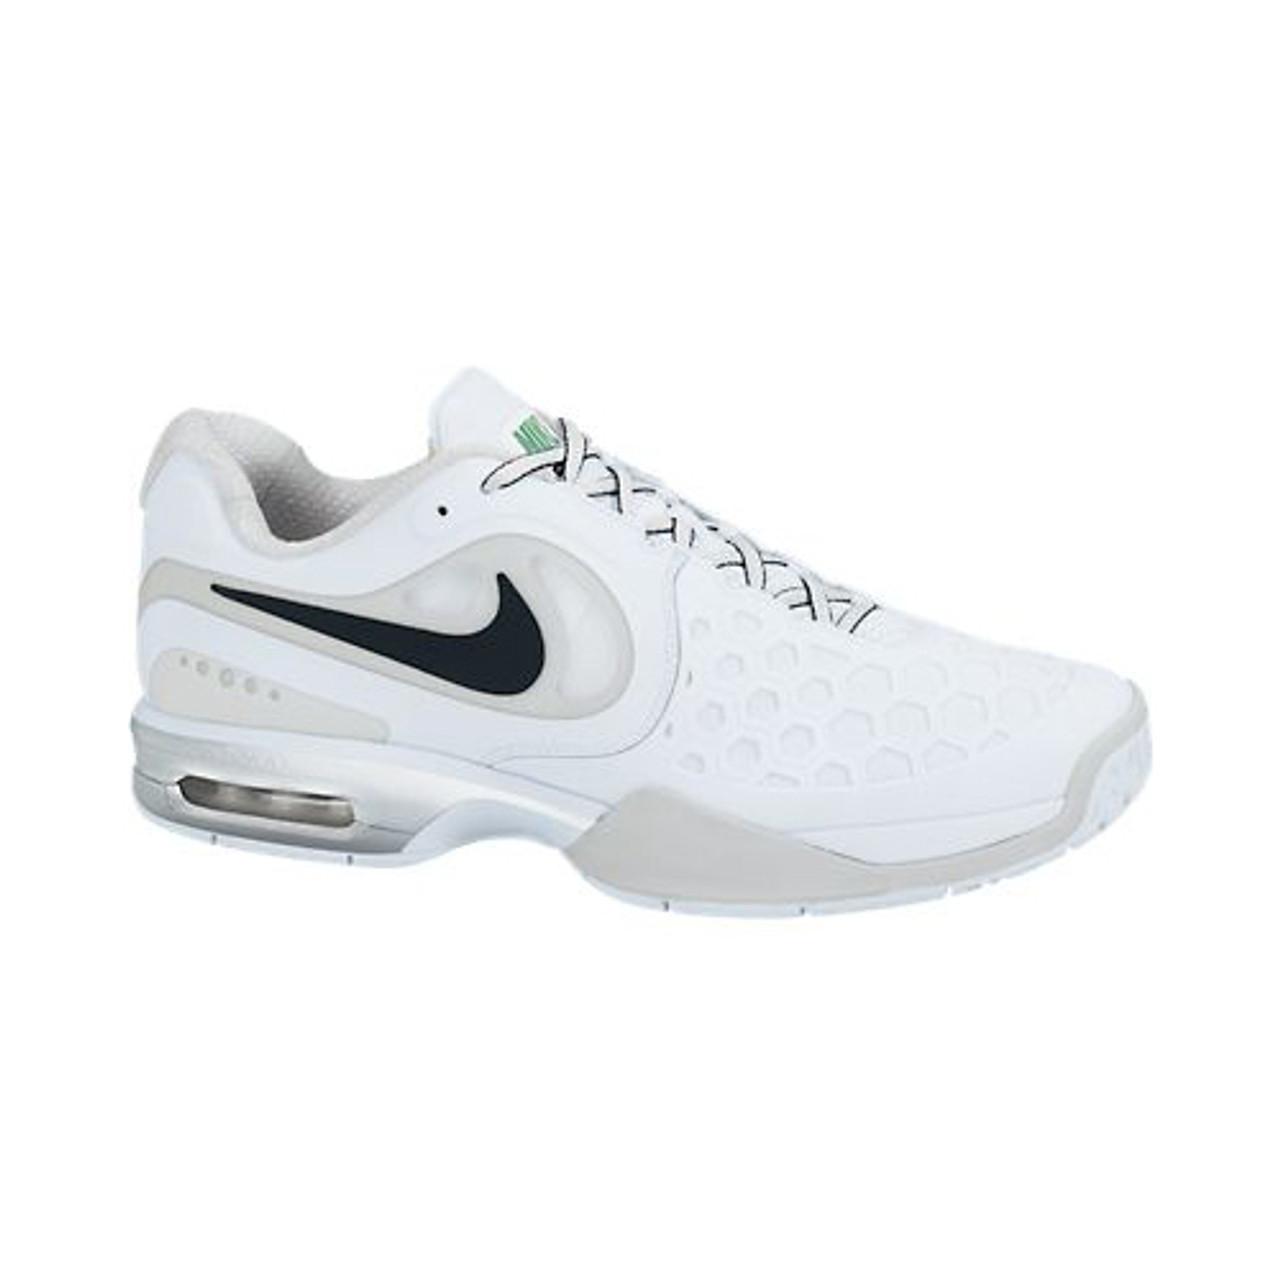 tanio na sprzedaż sprawdzić 100% jakości Nike Air Max Courtballistec 4.3 White/Platinum Mens Tennis Shoes